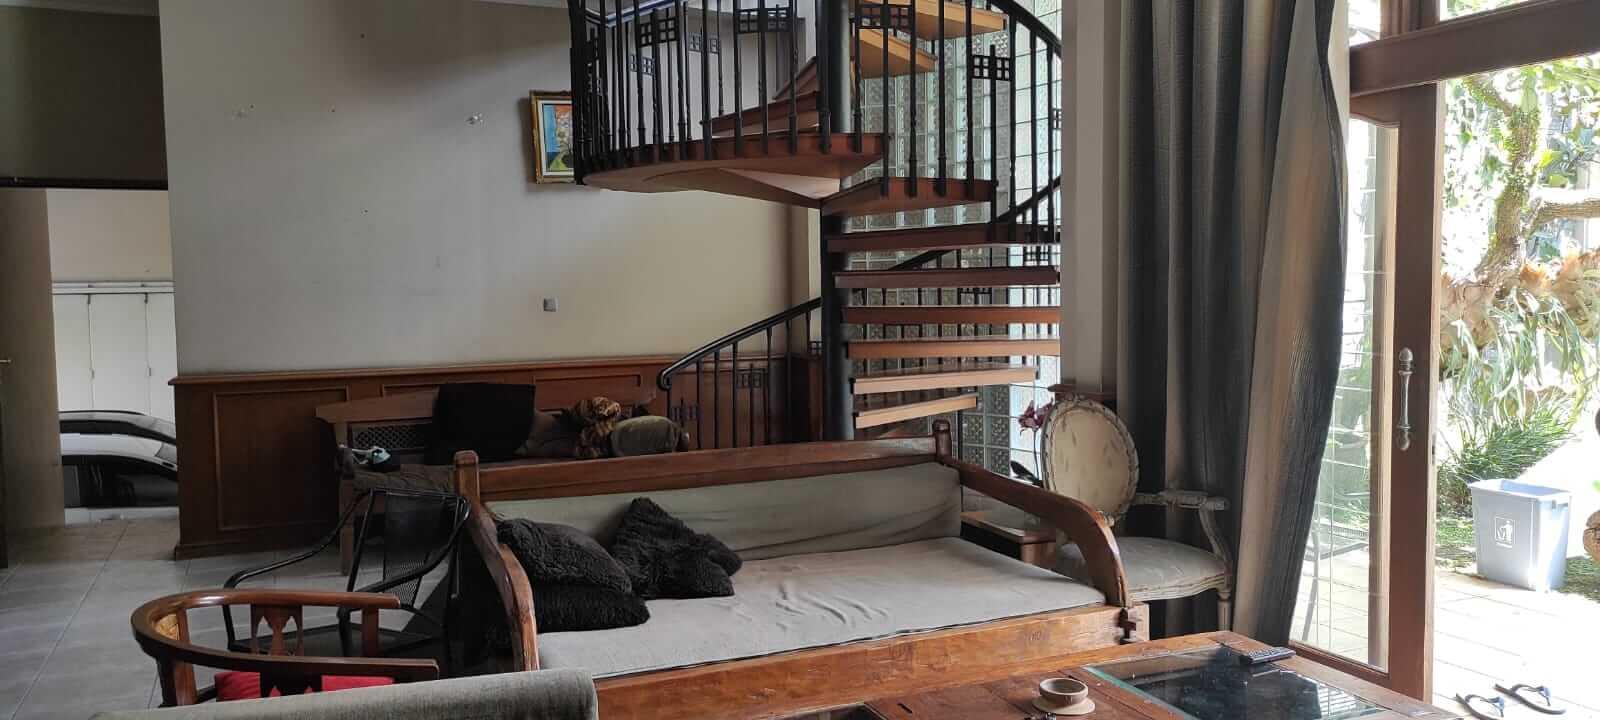 ruang tengah villa andaru gerlong bandung